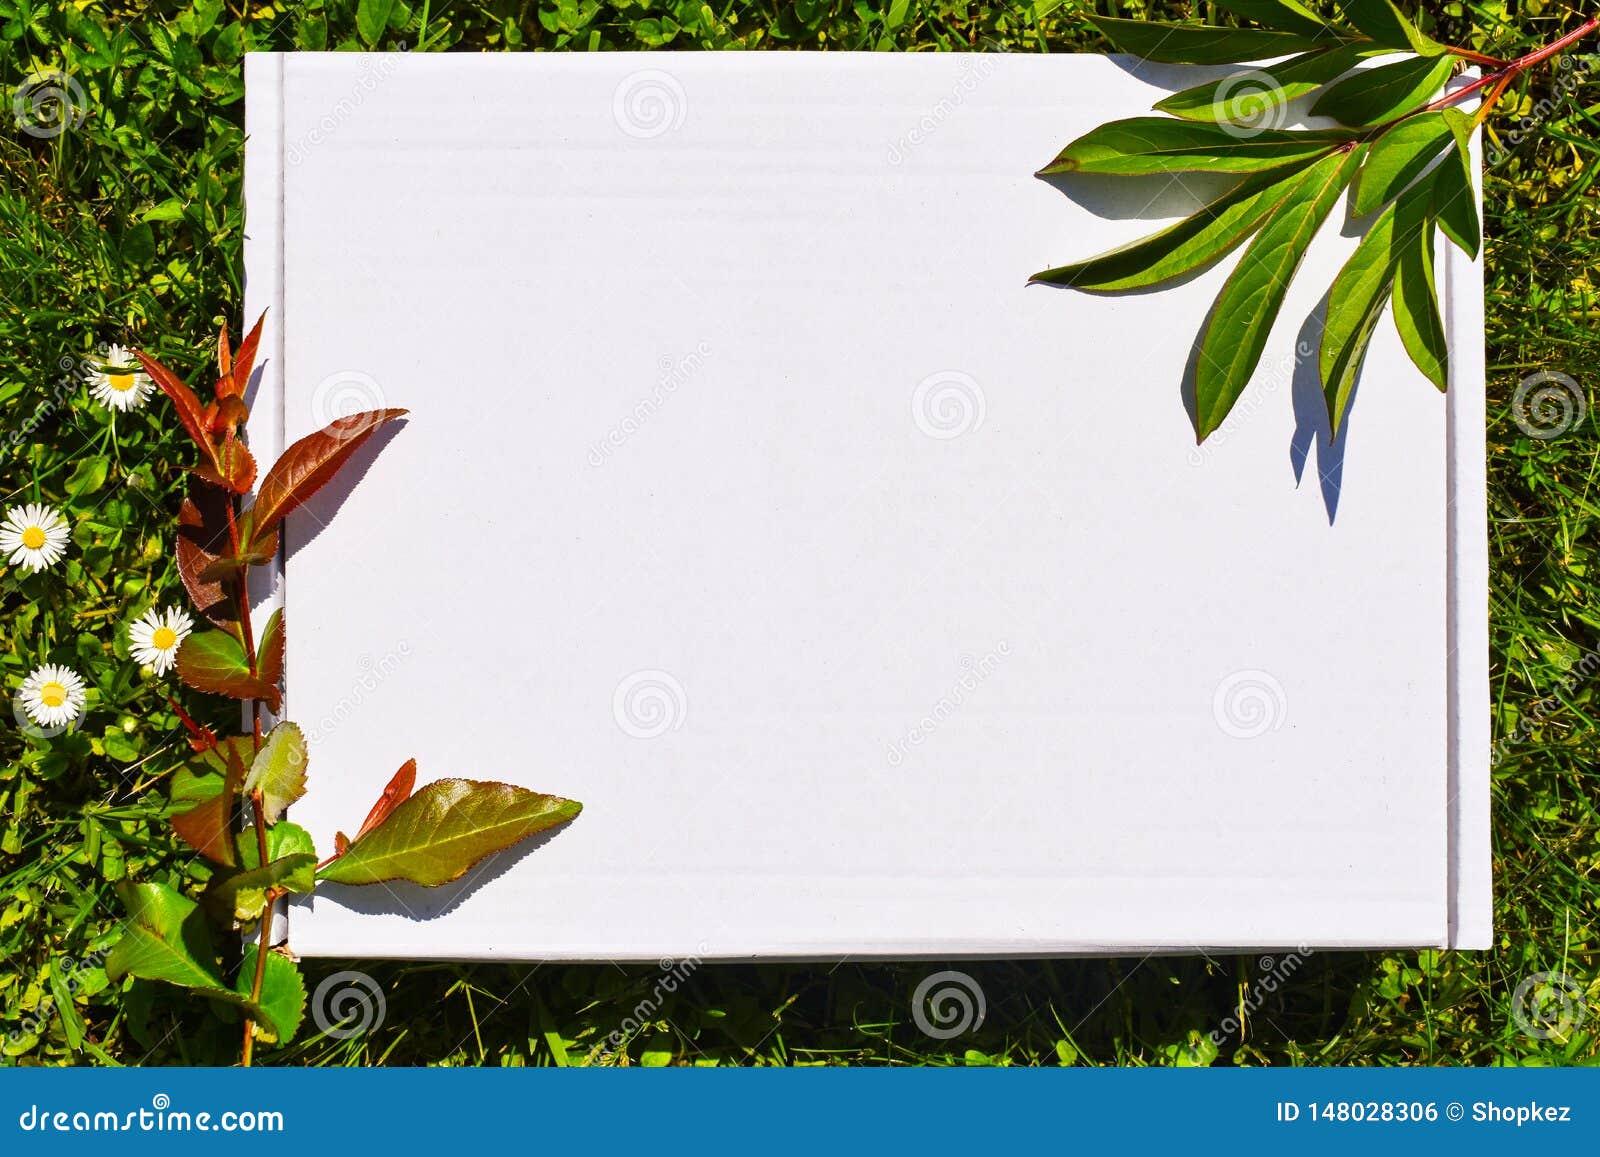 Azione disegnate photograpjy, archivio digitale del modello Quadrato in bianco per l opera d arte con il fondo dei fiori bianchi